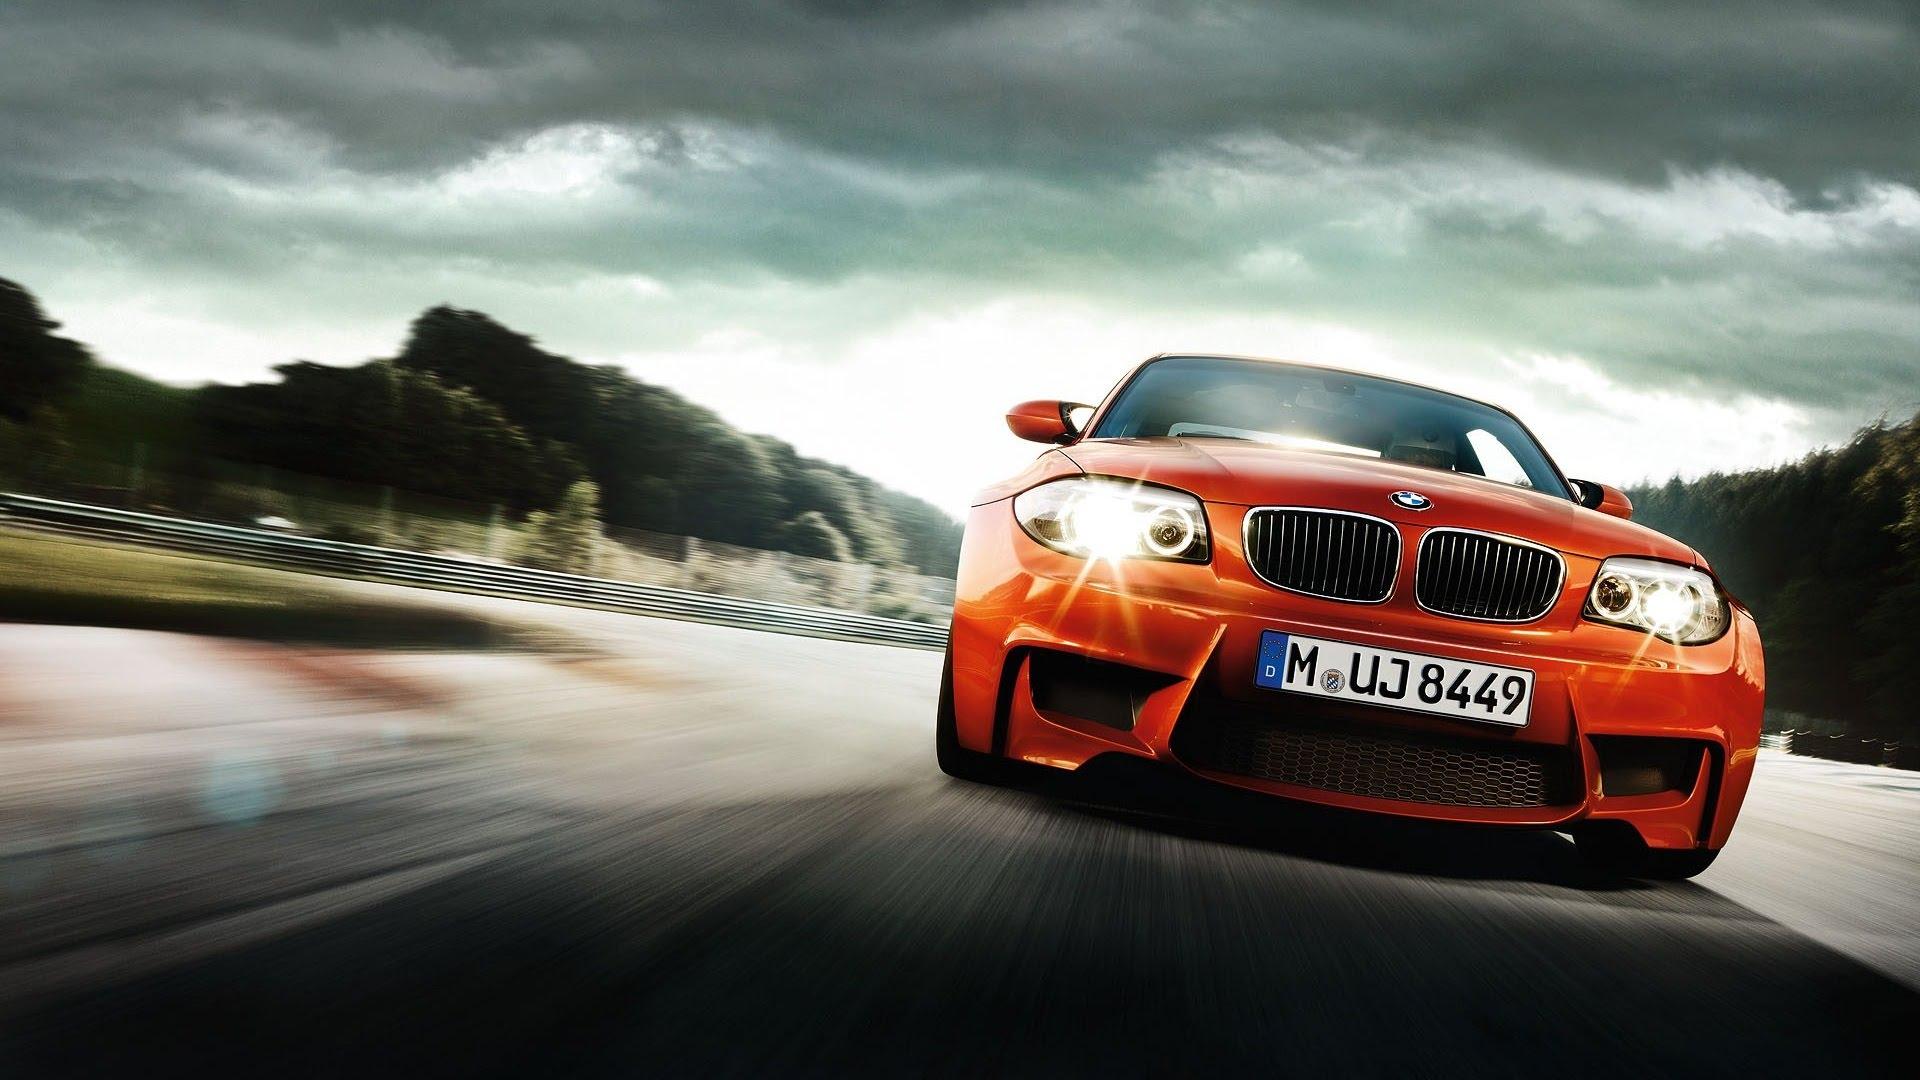 صور ماركة سيارات فخمة , اكثر فخامه فى انواع السيارات